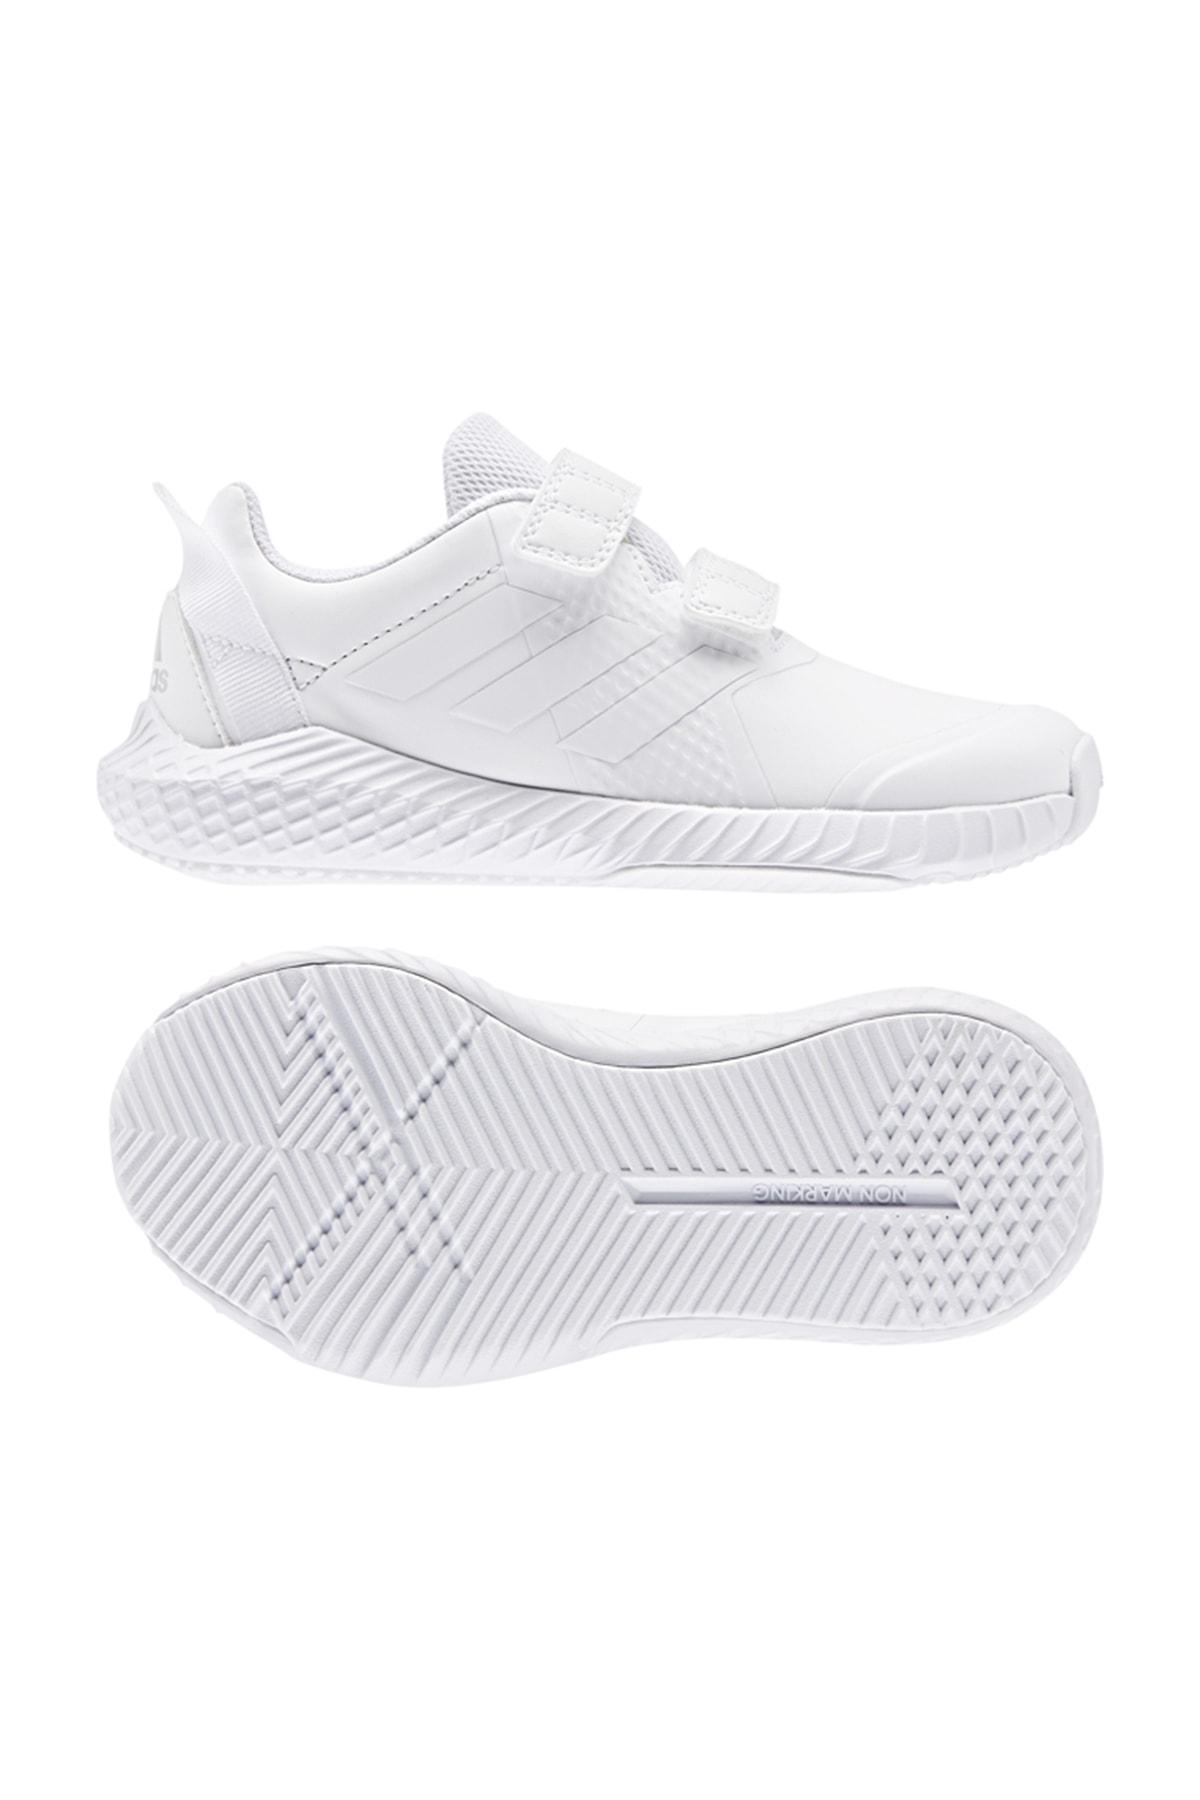 adidas Çocuk Günlük Spor Ayakkabı Fortagym Cf K G27204 1